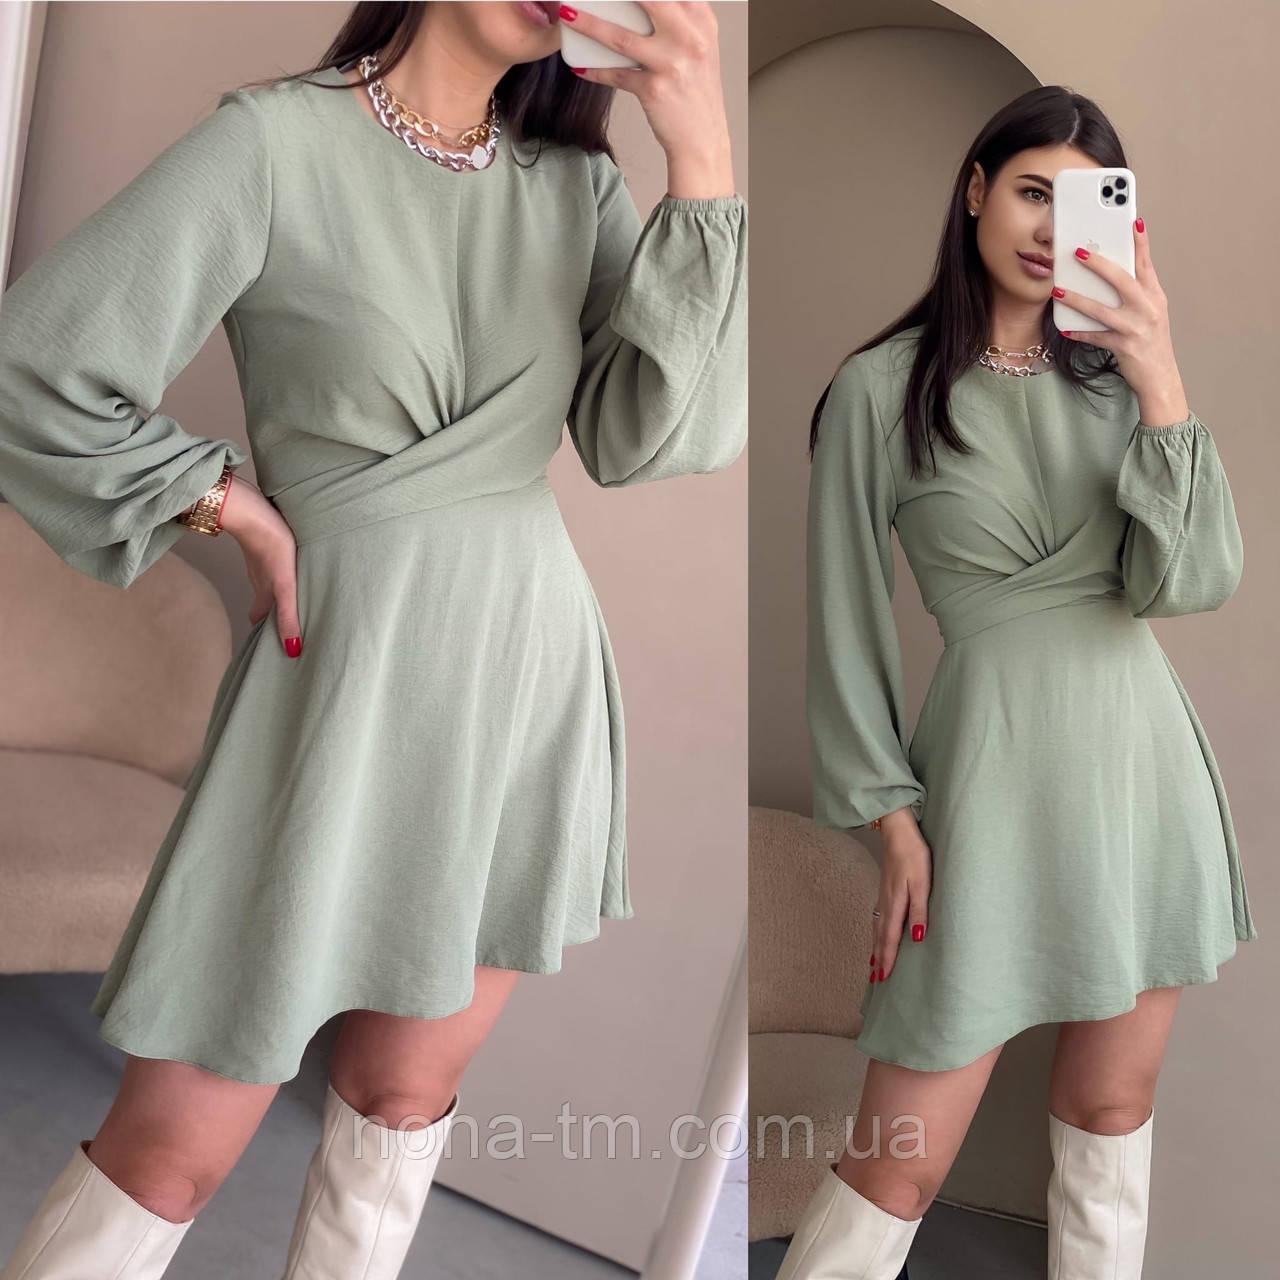 Гарне плаття жіноче з палітуркою